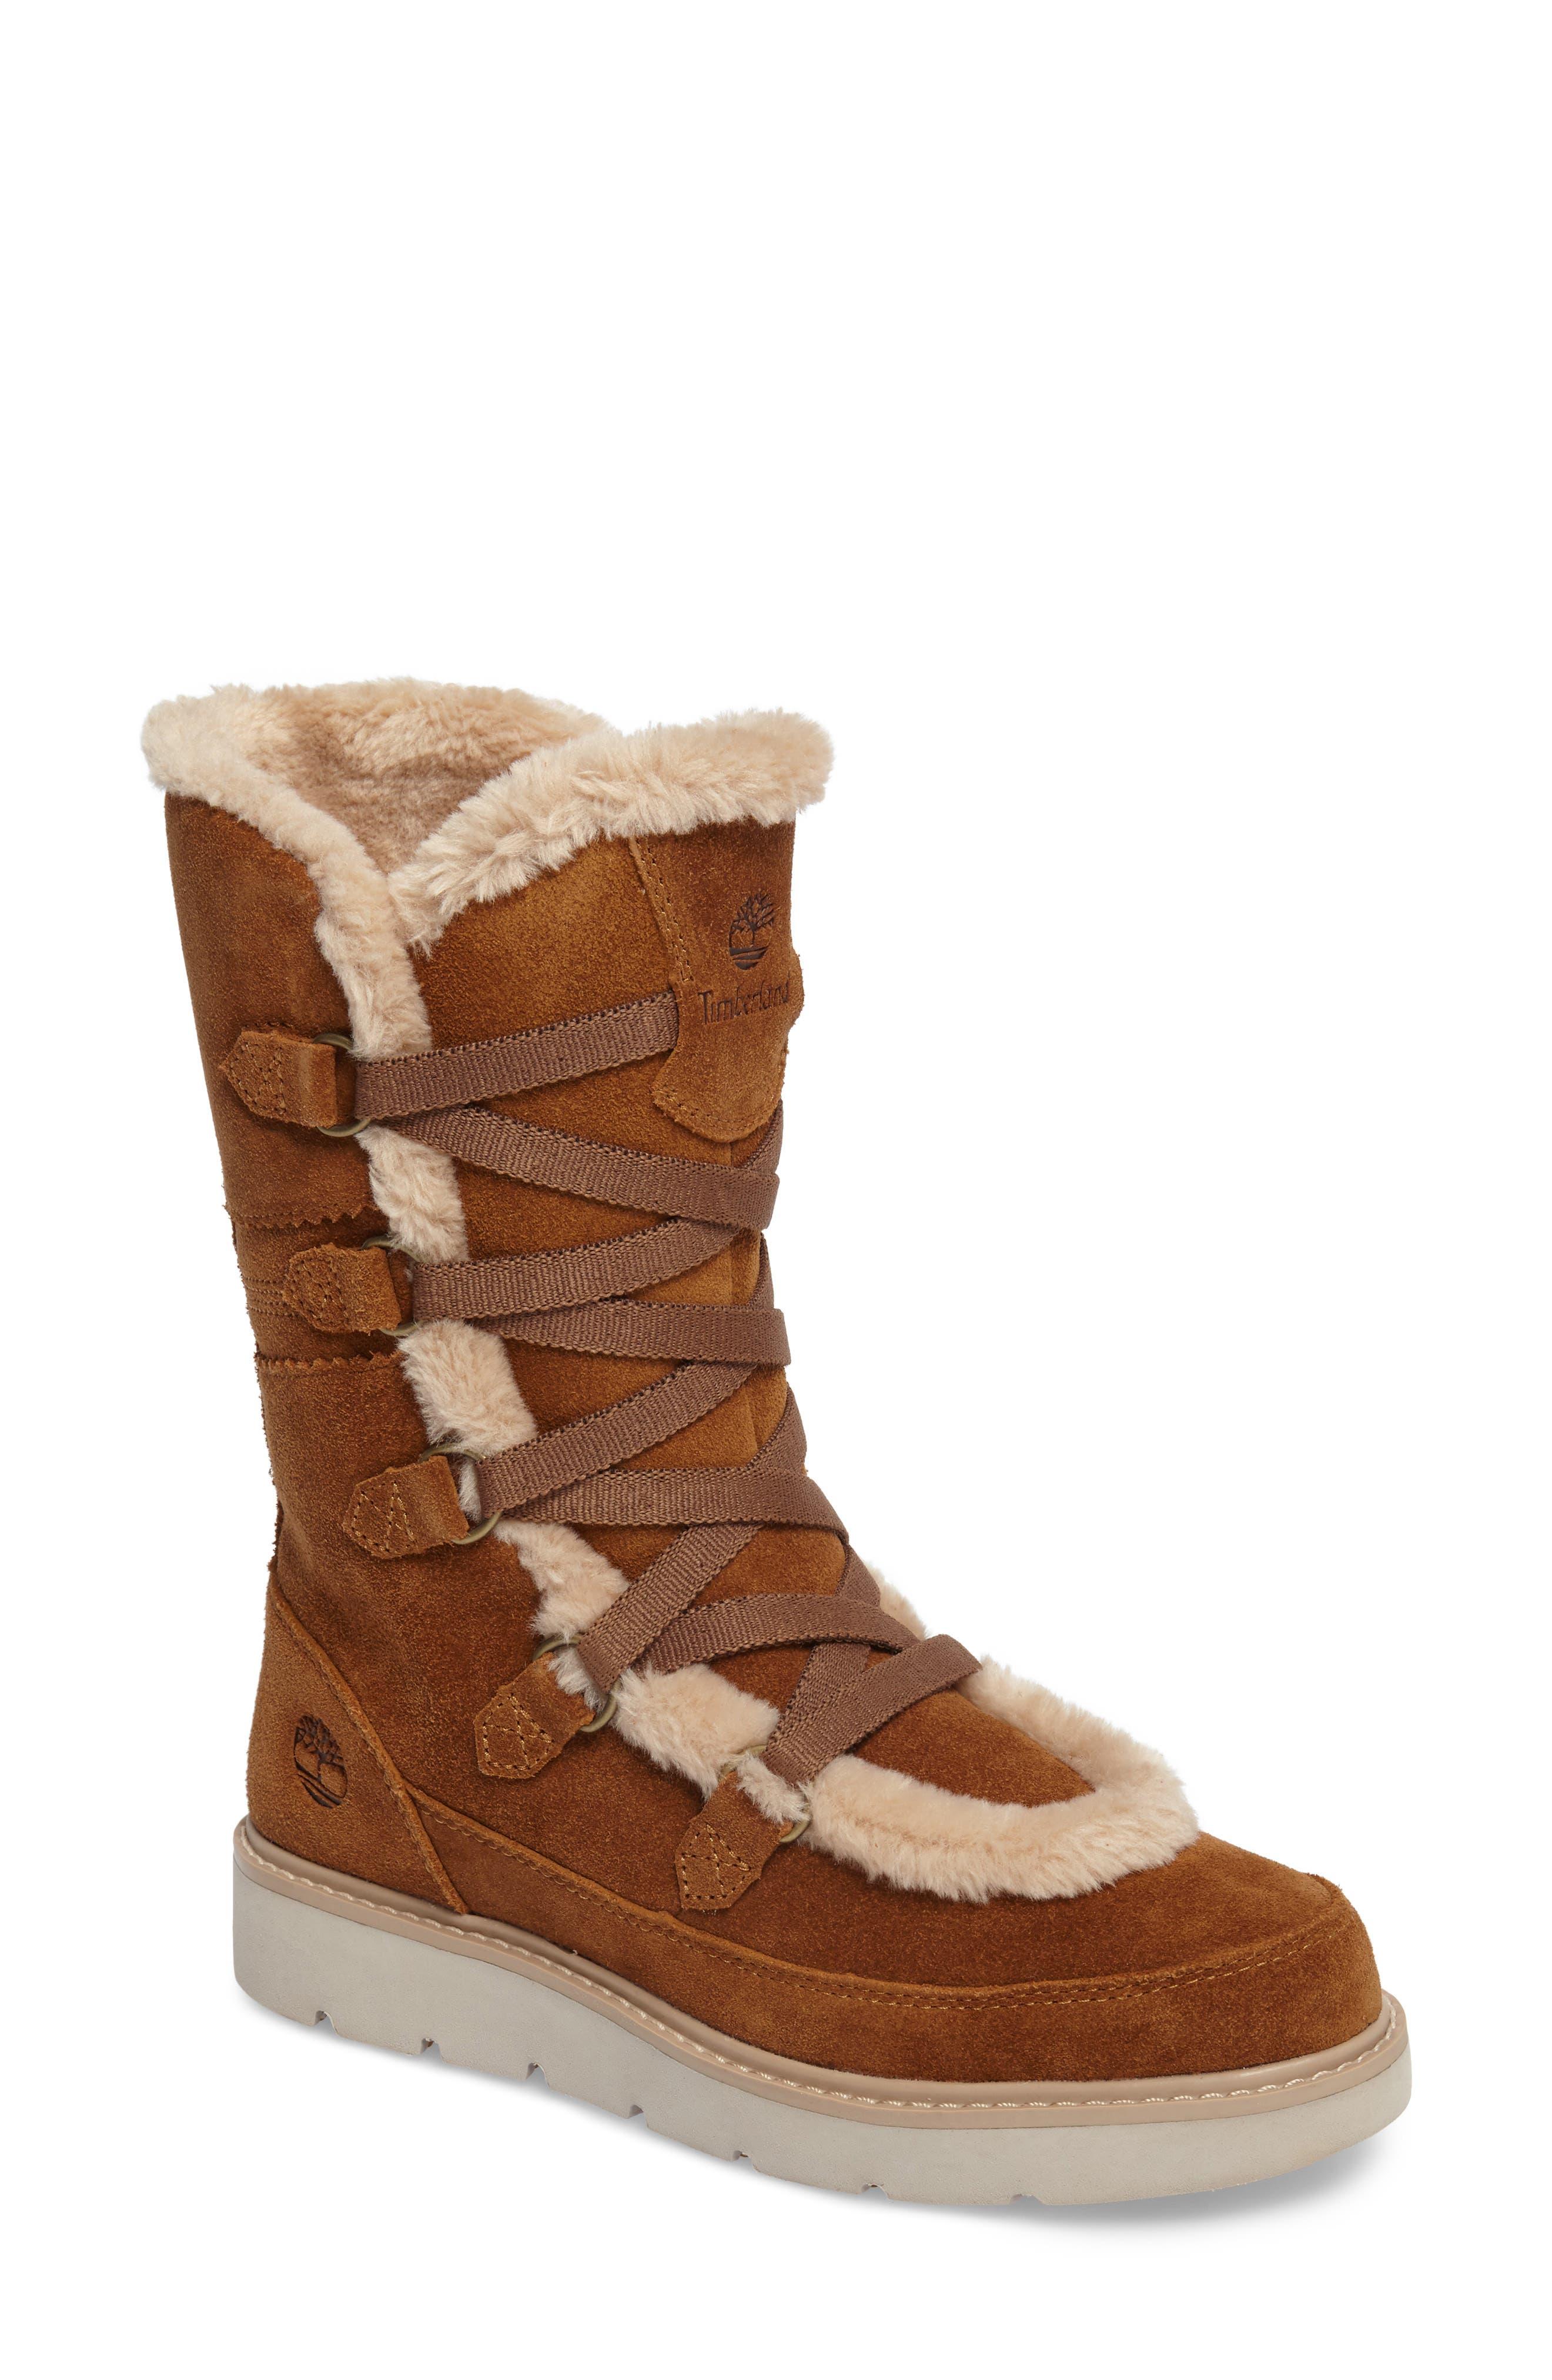 Main Image - Timberland Kenniston Faux Fur Water Resistant Mukluk Boot (Women)